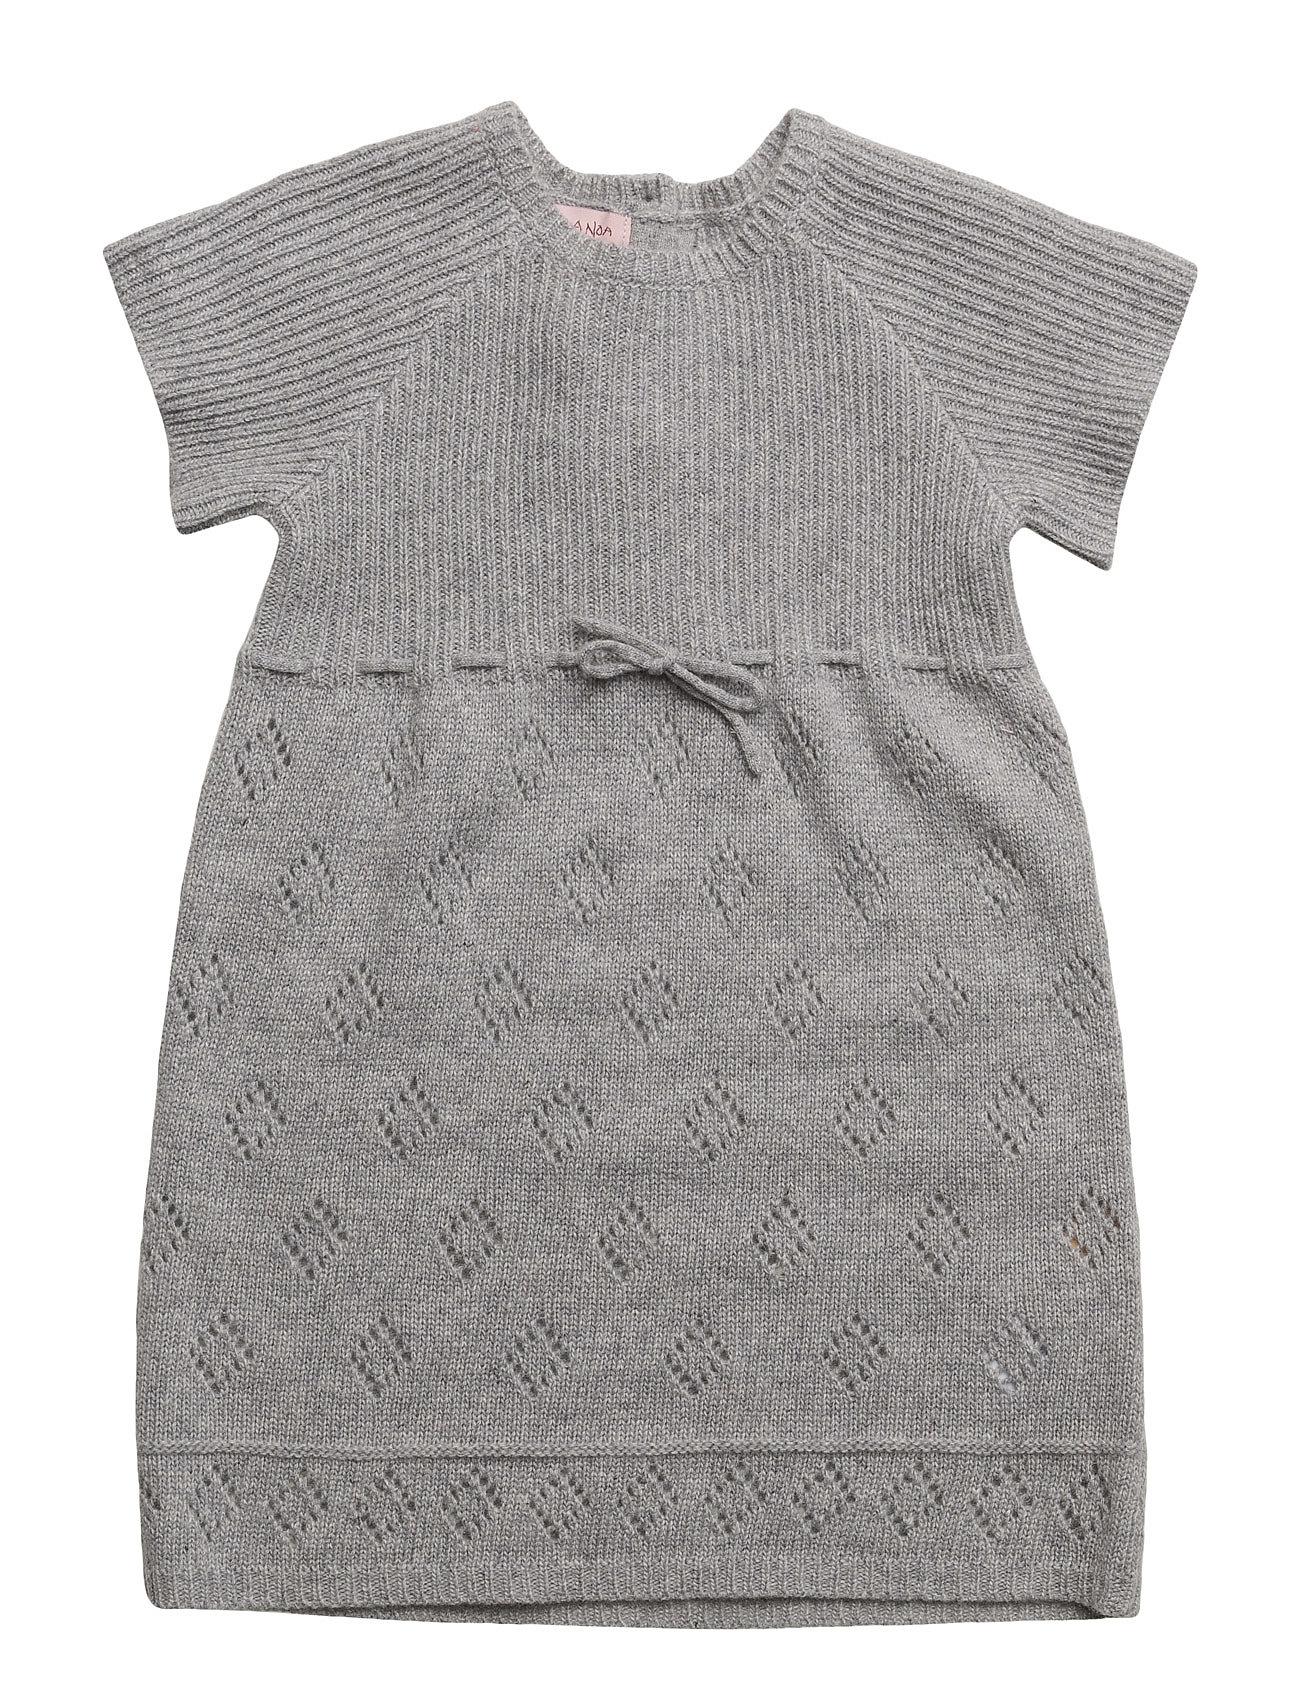 Dress Short Sleeve Noa Noa Miniature Kjoler til Børn i Grey Melange